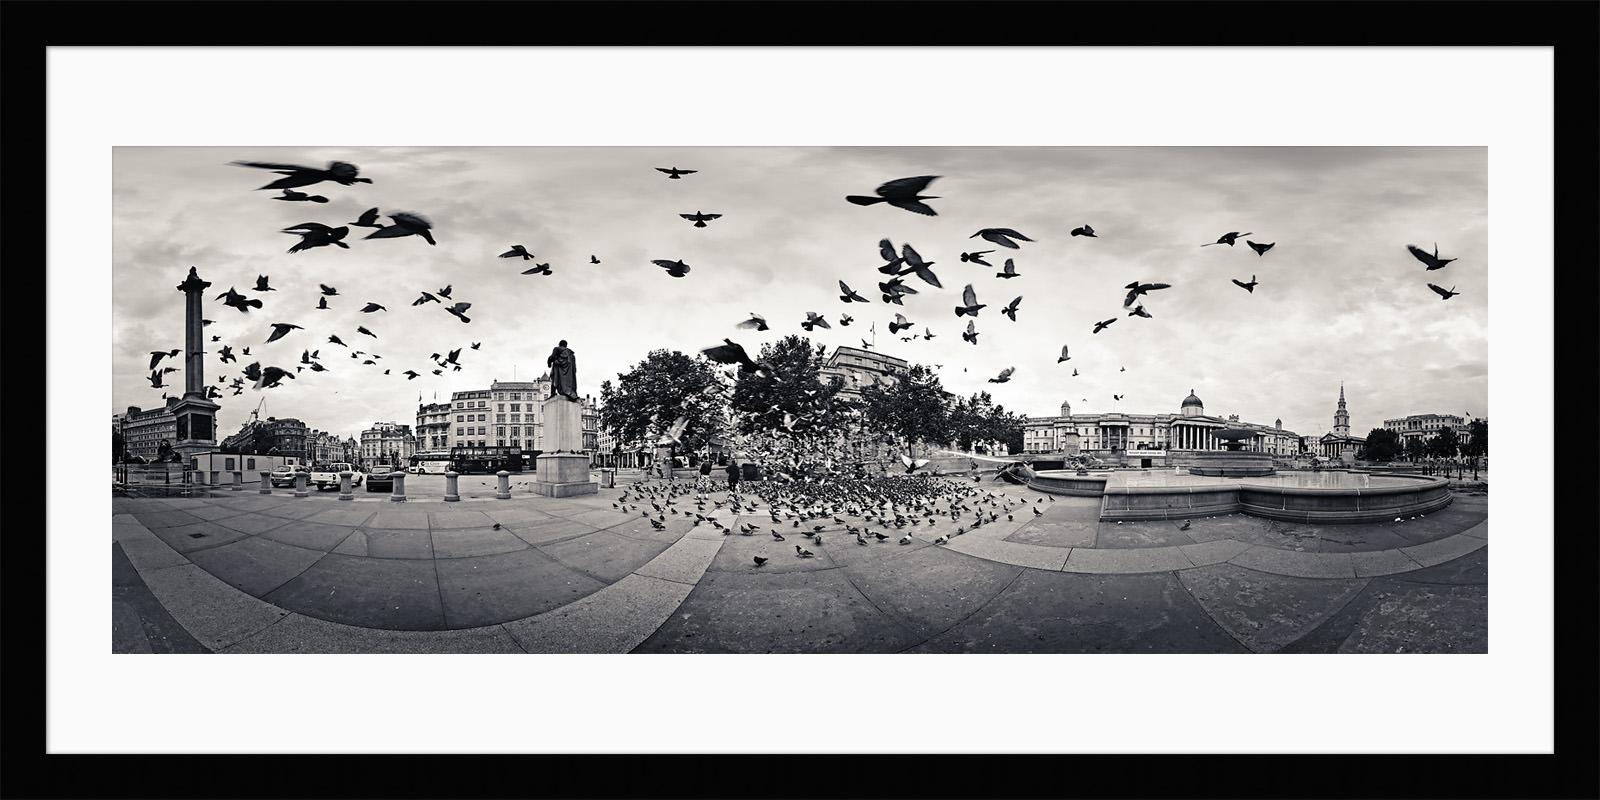 The Birds - Framed London Black & White Fine Art Photograph